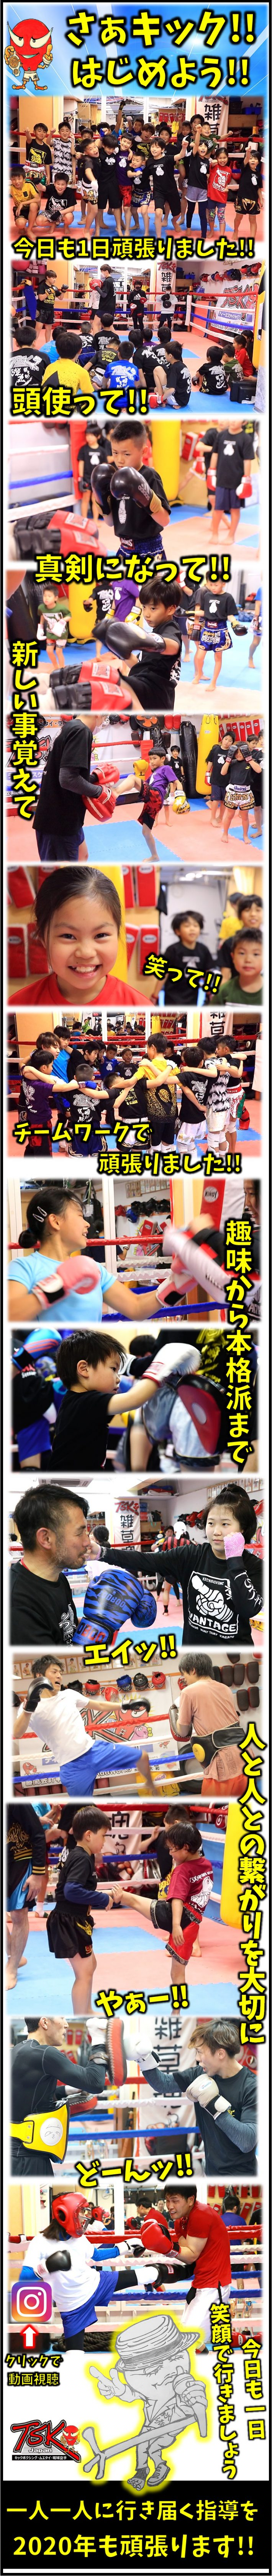 横浜キックボクシングジム TSKjapan代表 勝山泰士 横浜キックボクシング 子供 女子 キックボクシングジム TSKjapan 新K-1伝説 Krush ムエタイ KNOCK OUT